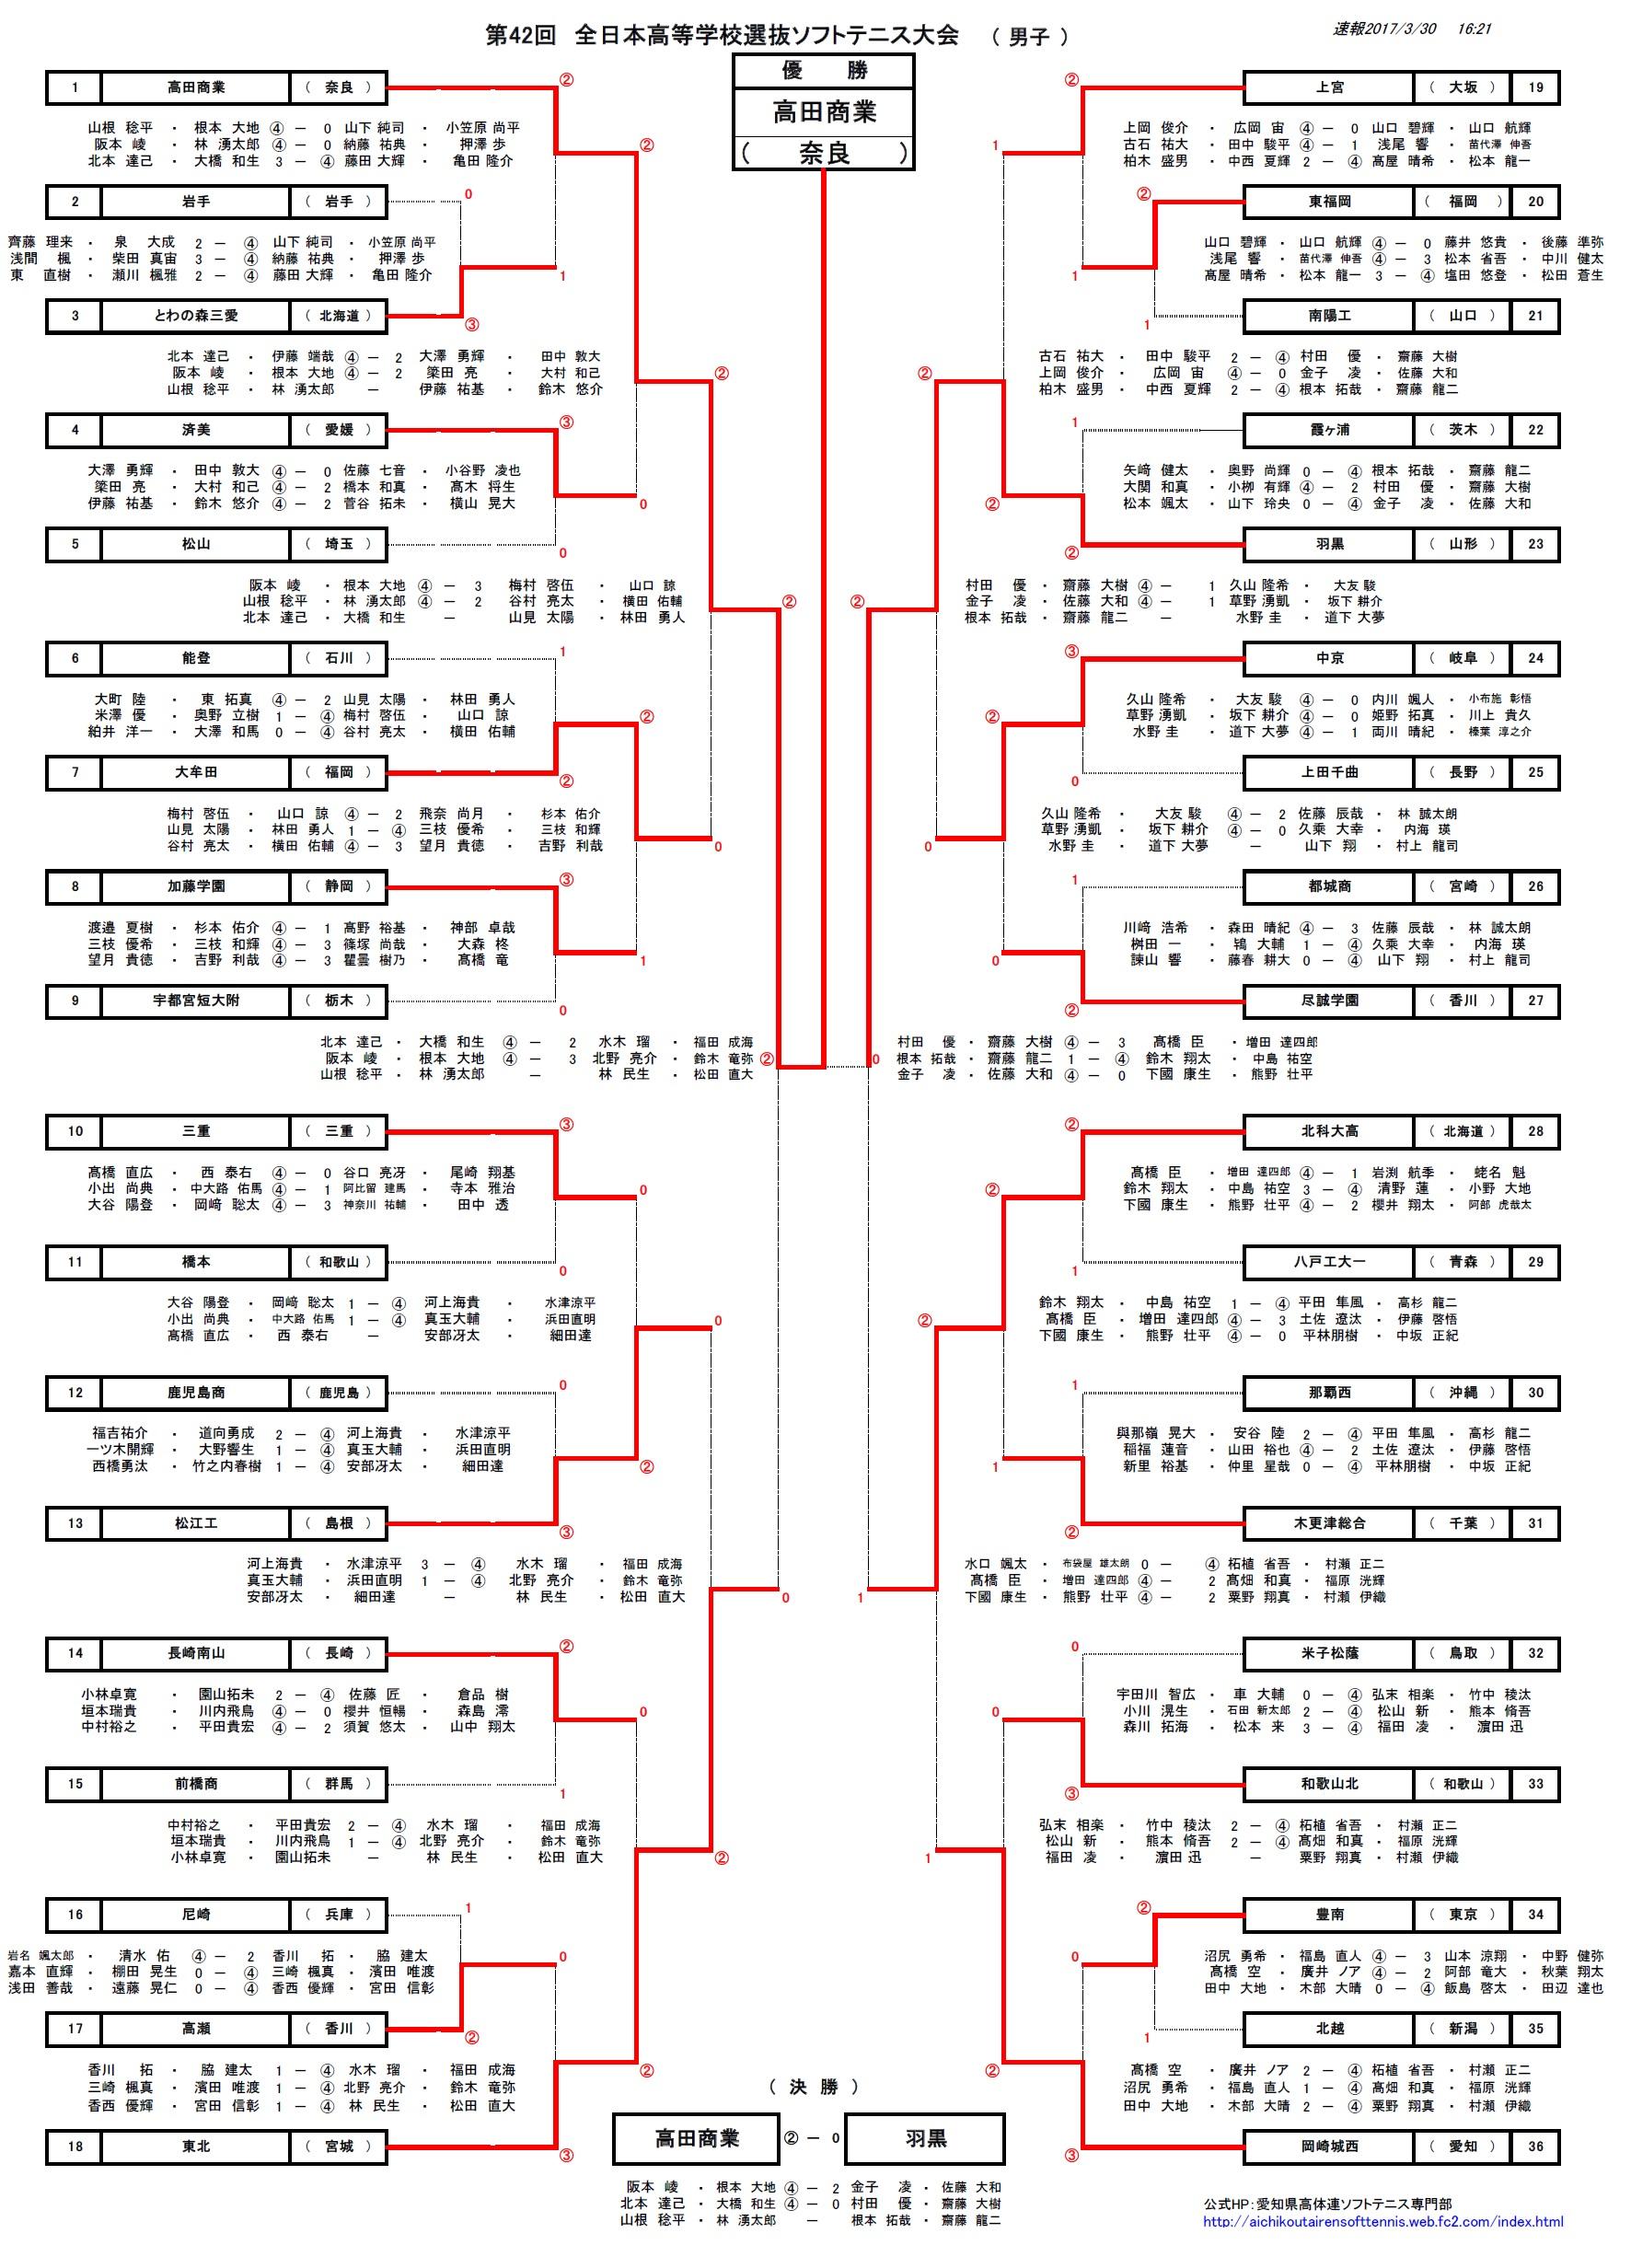 選抜男子2017最終結果